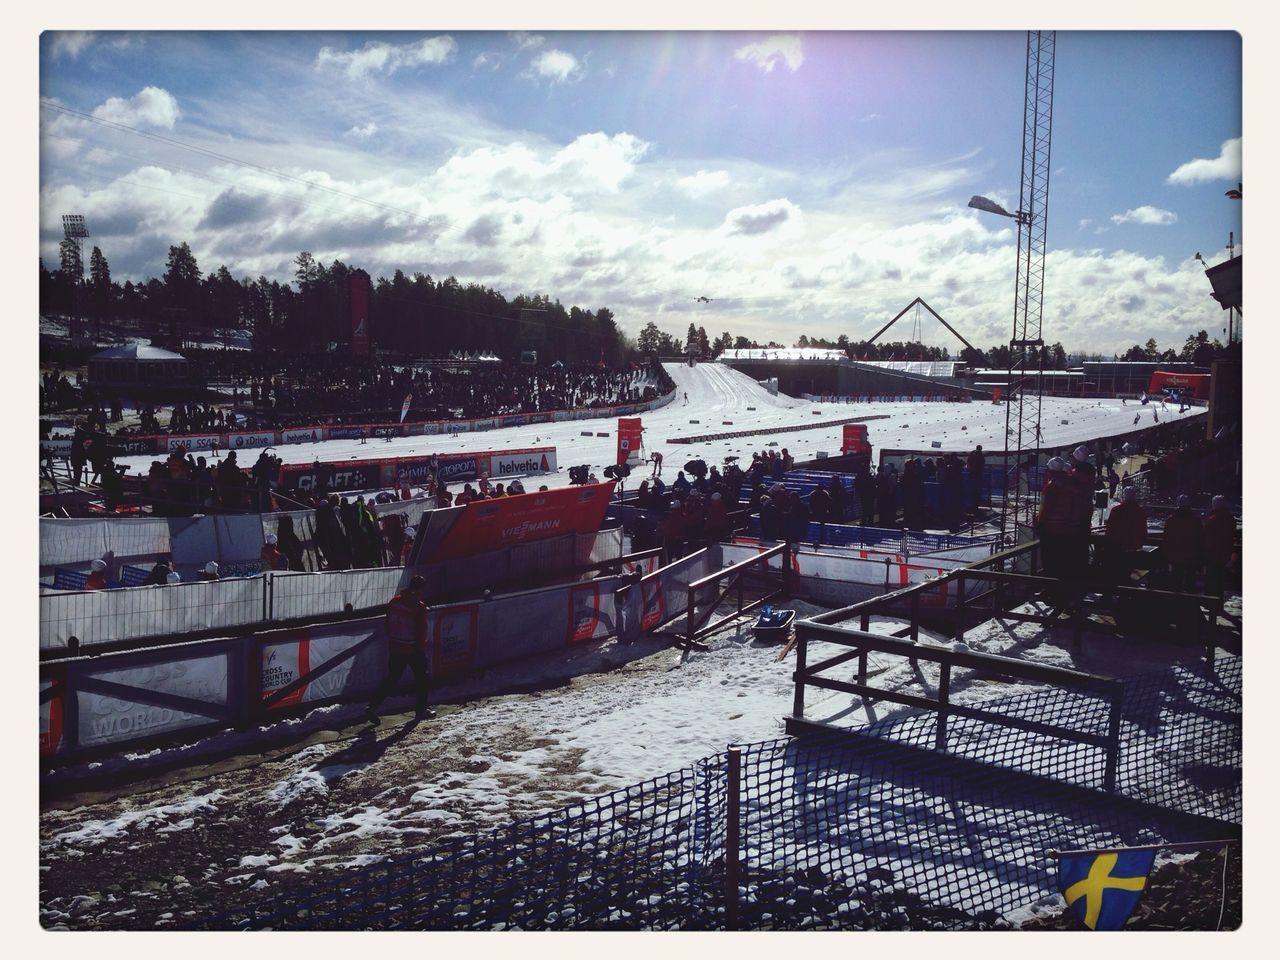 Vm2015 Falun 2015 Riksskidstadion Skidor